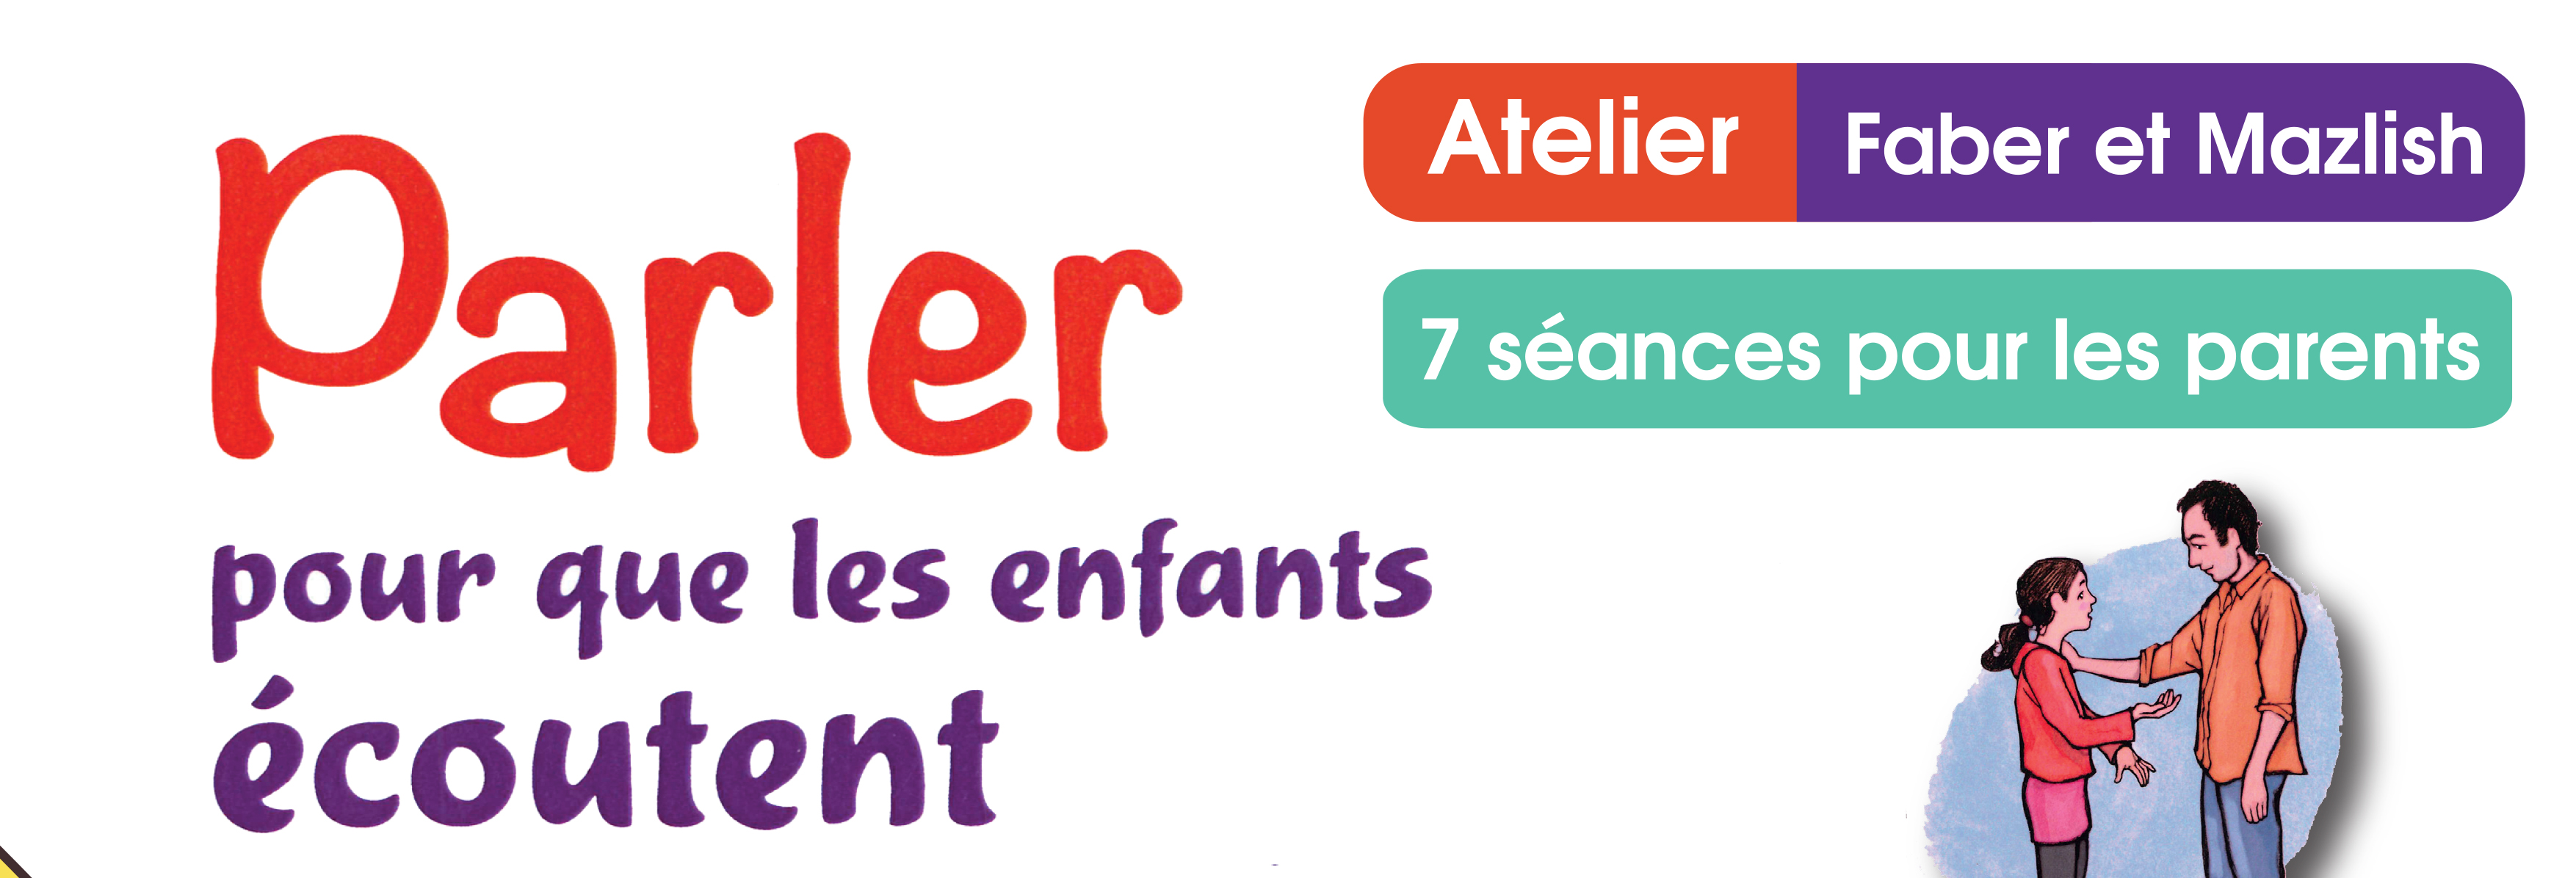 LA PASSERELLE - ACTIVITES VACANCES D'HIVER